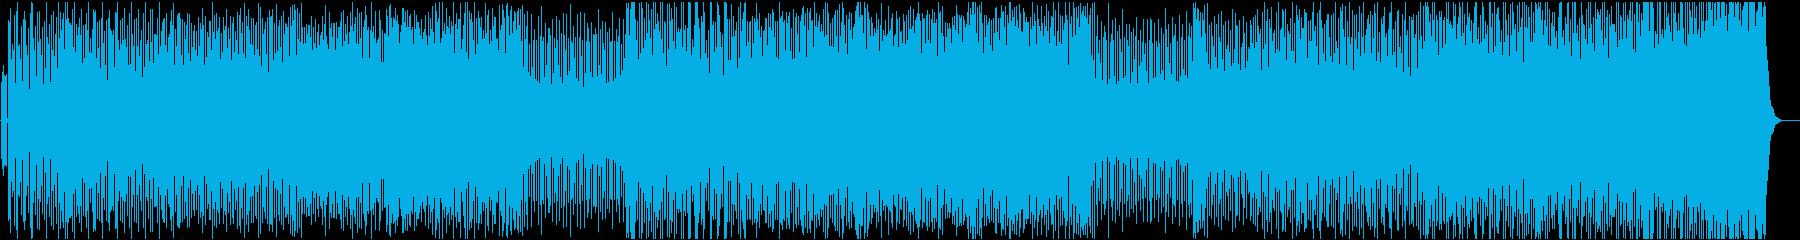 レトロフレイバー&ドープなディープハウスの再生済みの波形